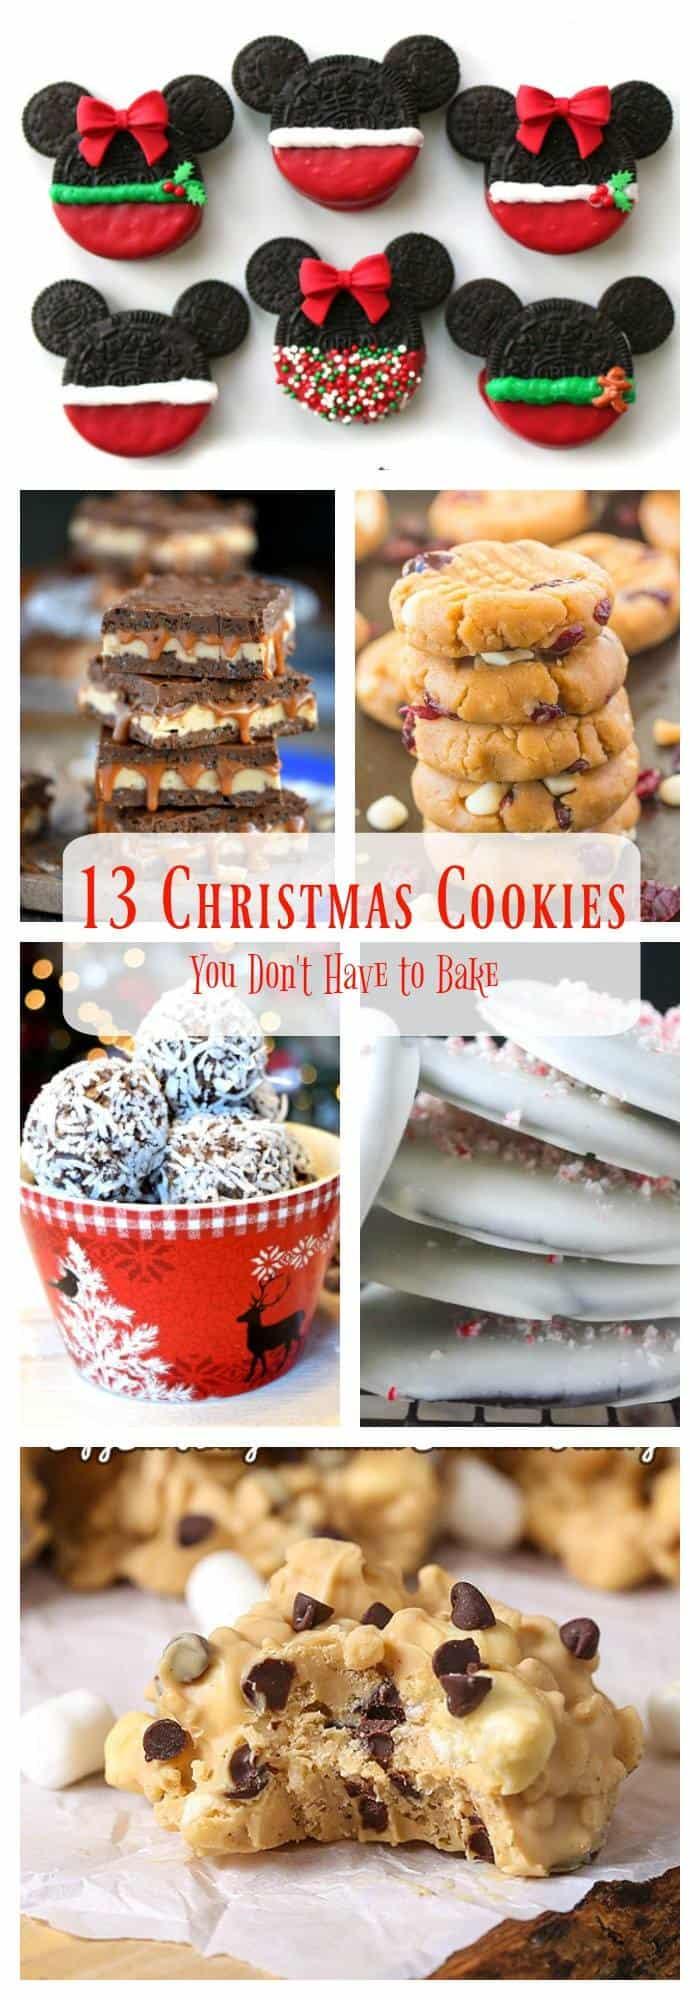 Best no bake Christmas cookies